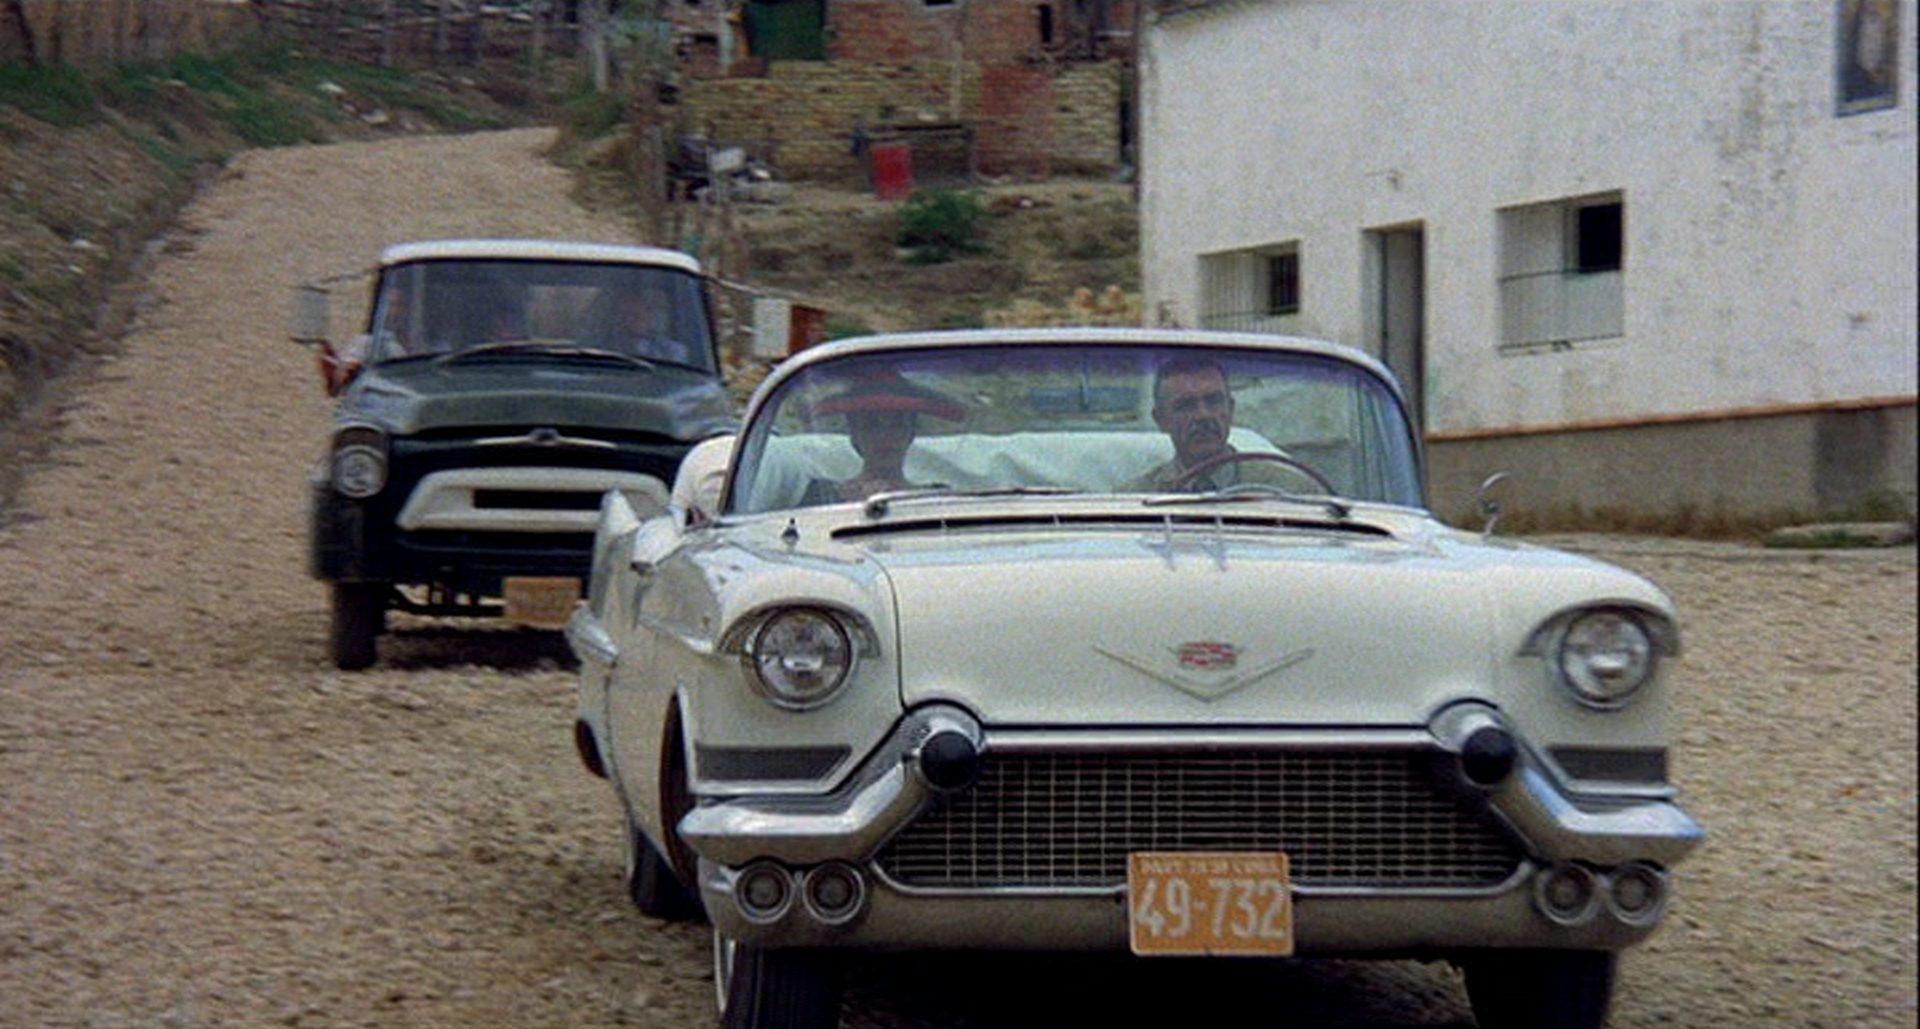 Frontalaufnahme einer Limousine, in der Dapes und Alexandra Lopez de Pulido sitzen.